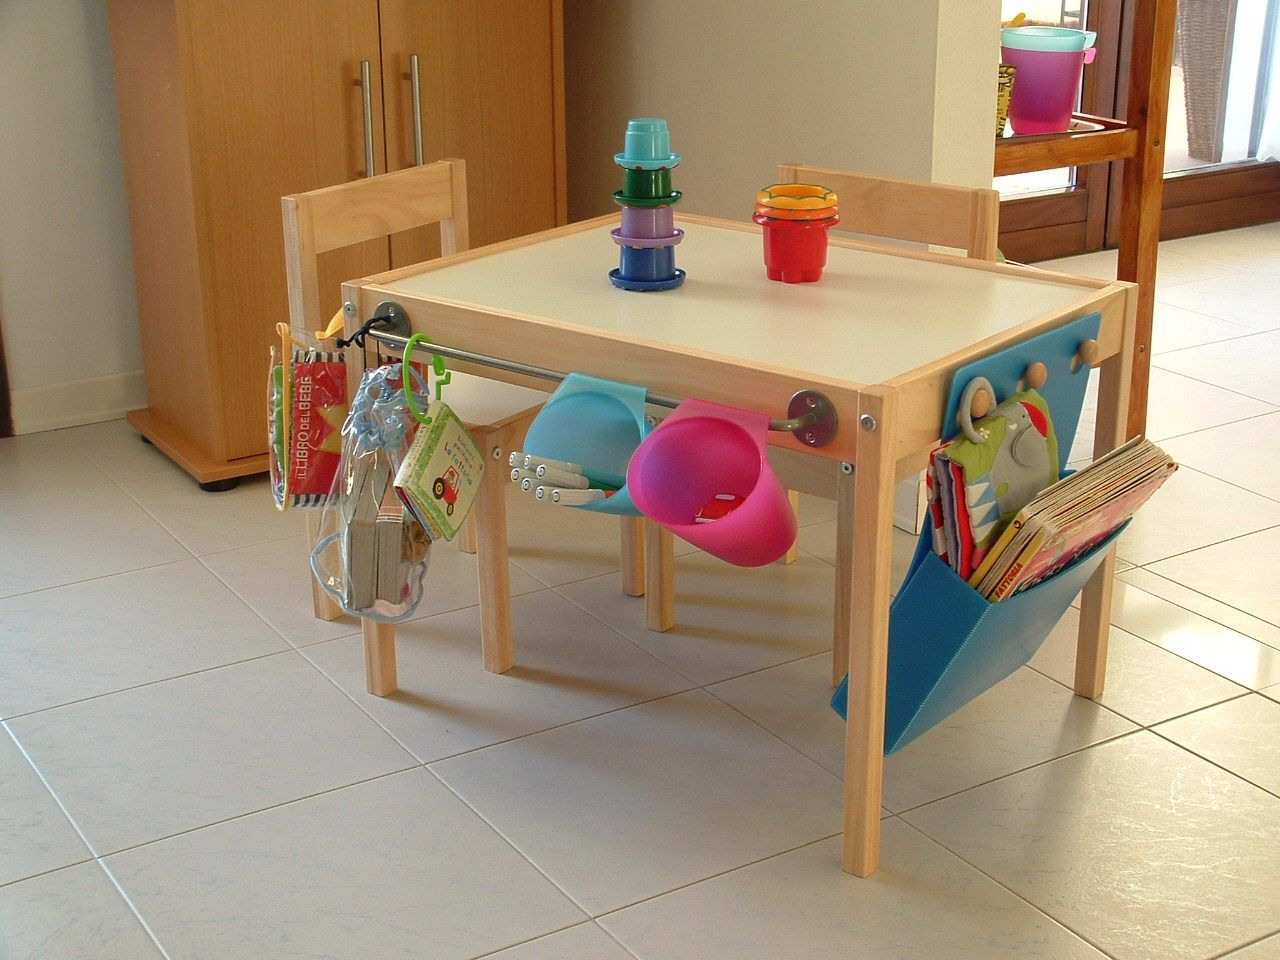 9 tavoli per bambini ikea personalizzati per mantenere ordine in cameretta e creare uno spazio. Black Bedroom Furniture Sets. Home Design Ideas